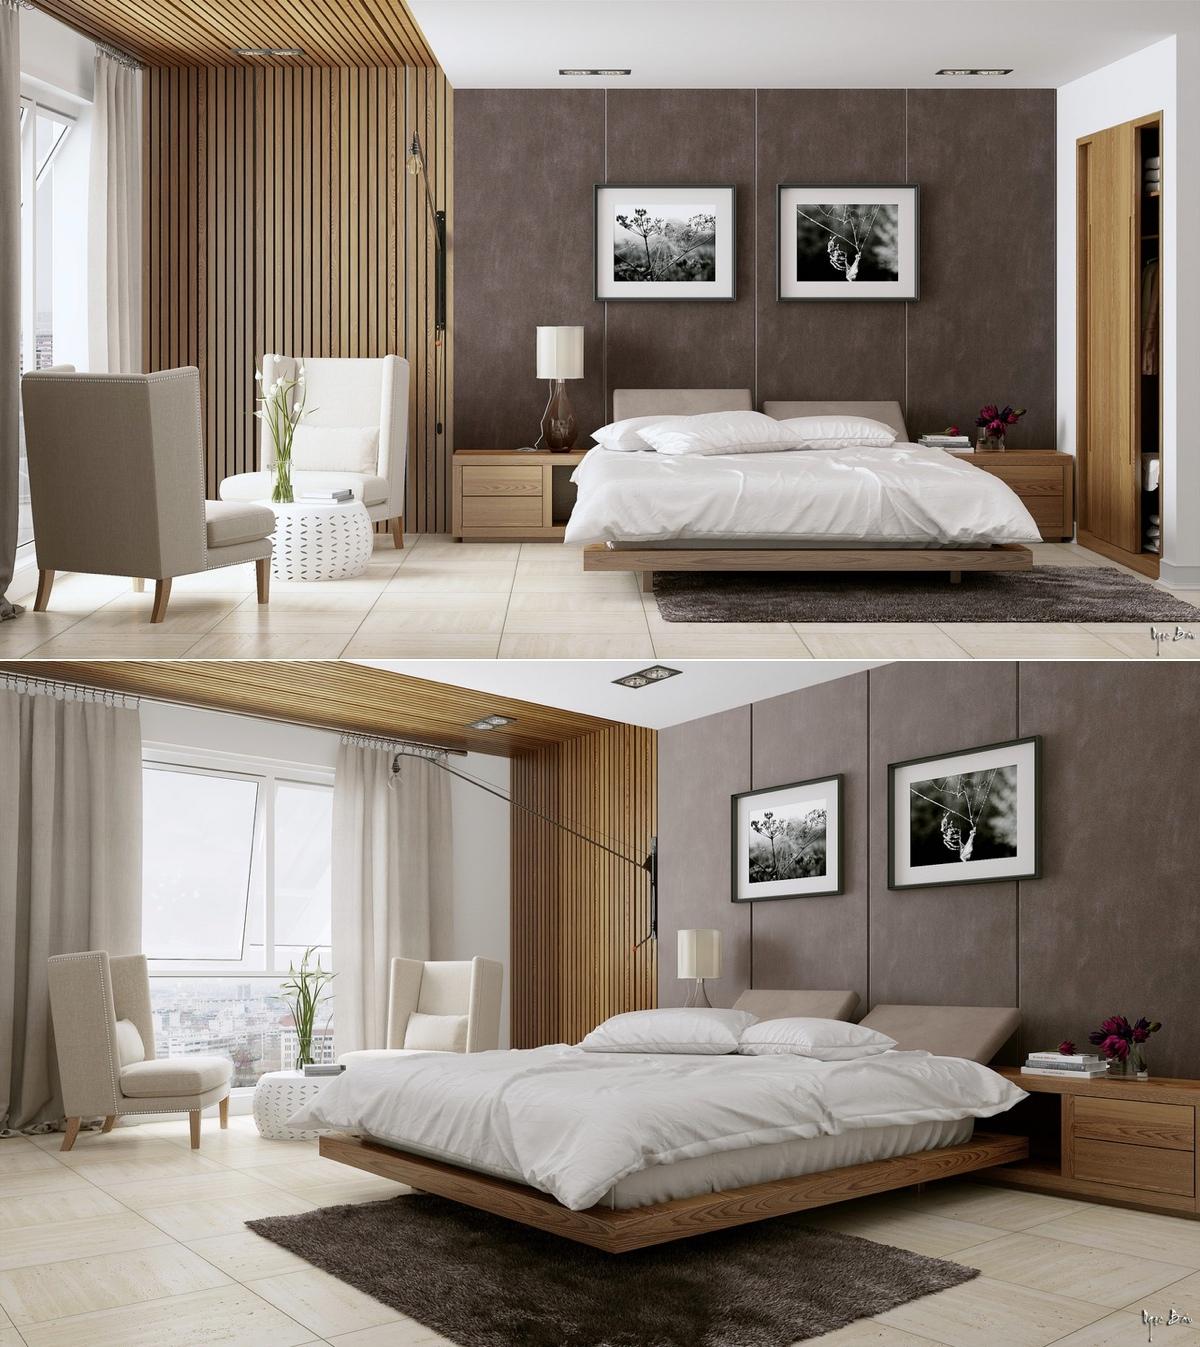 كيف تختارين السرير المثالي لنوم هانئ وأحلام سعيدة   مجلة ديكورات